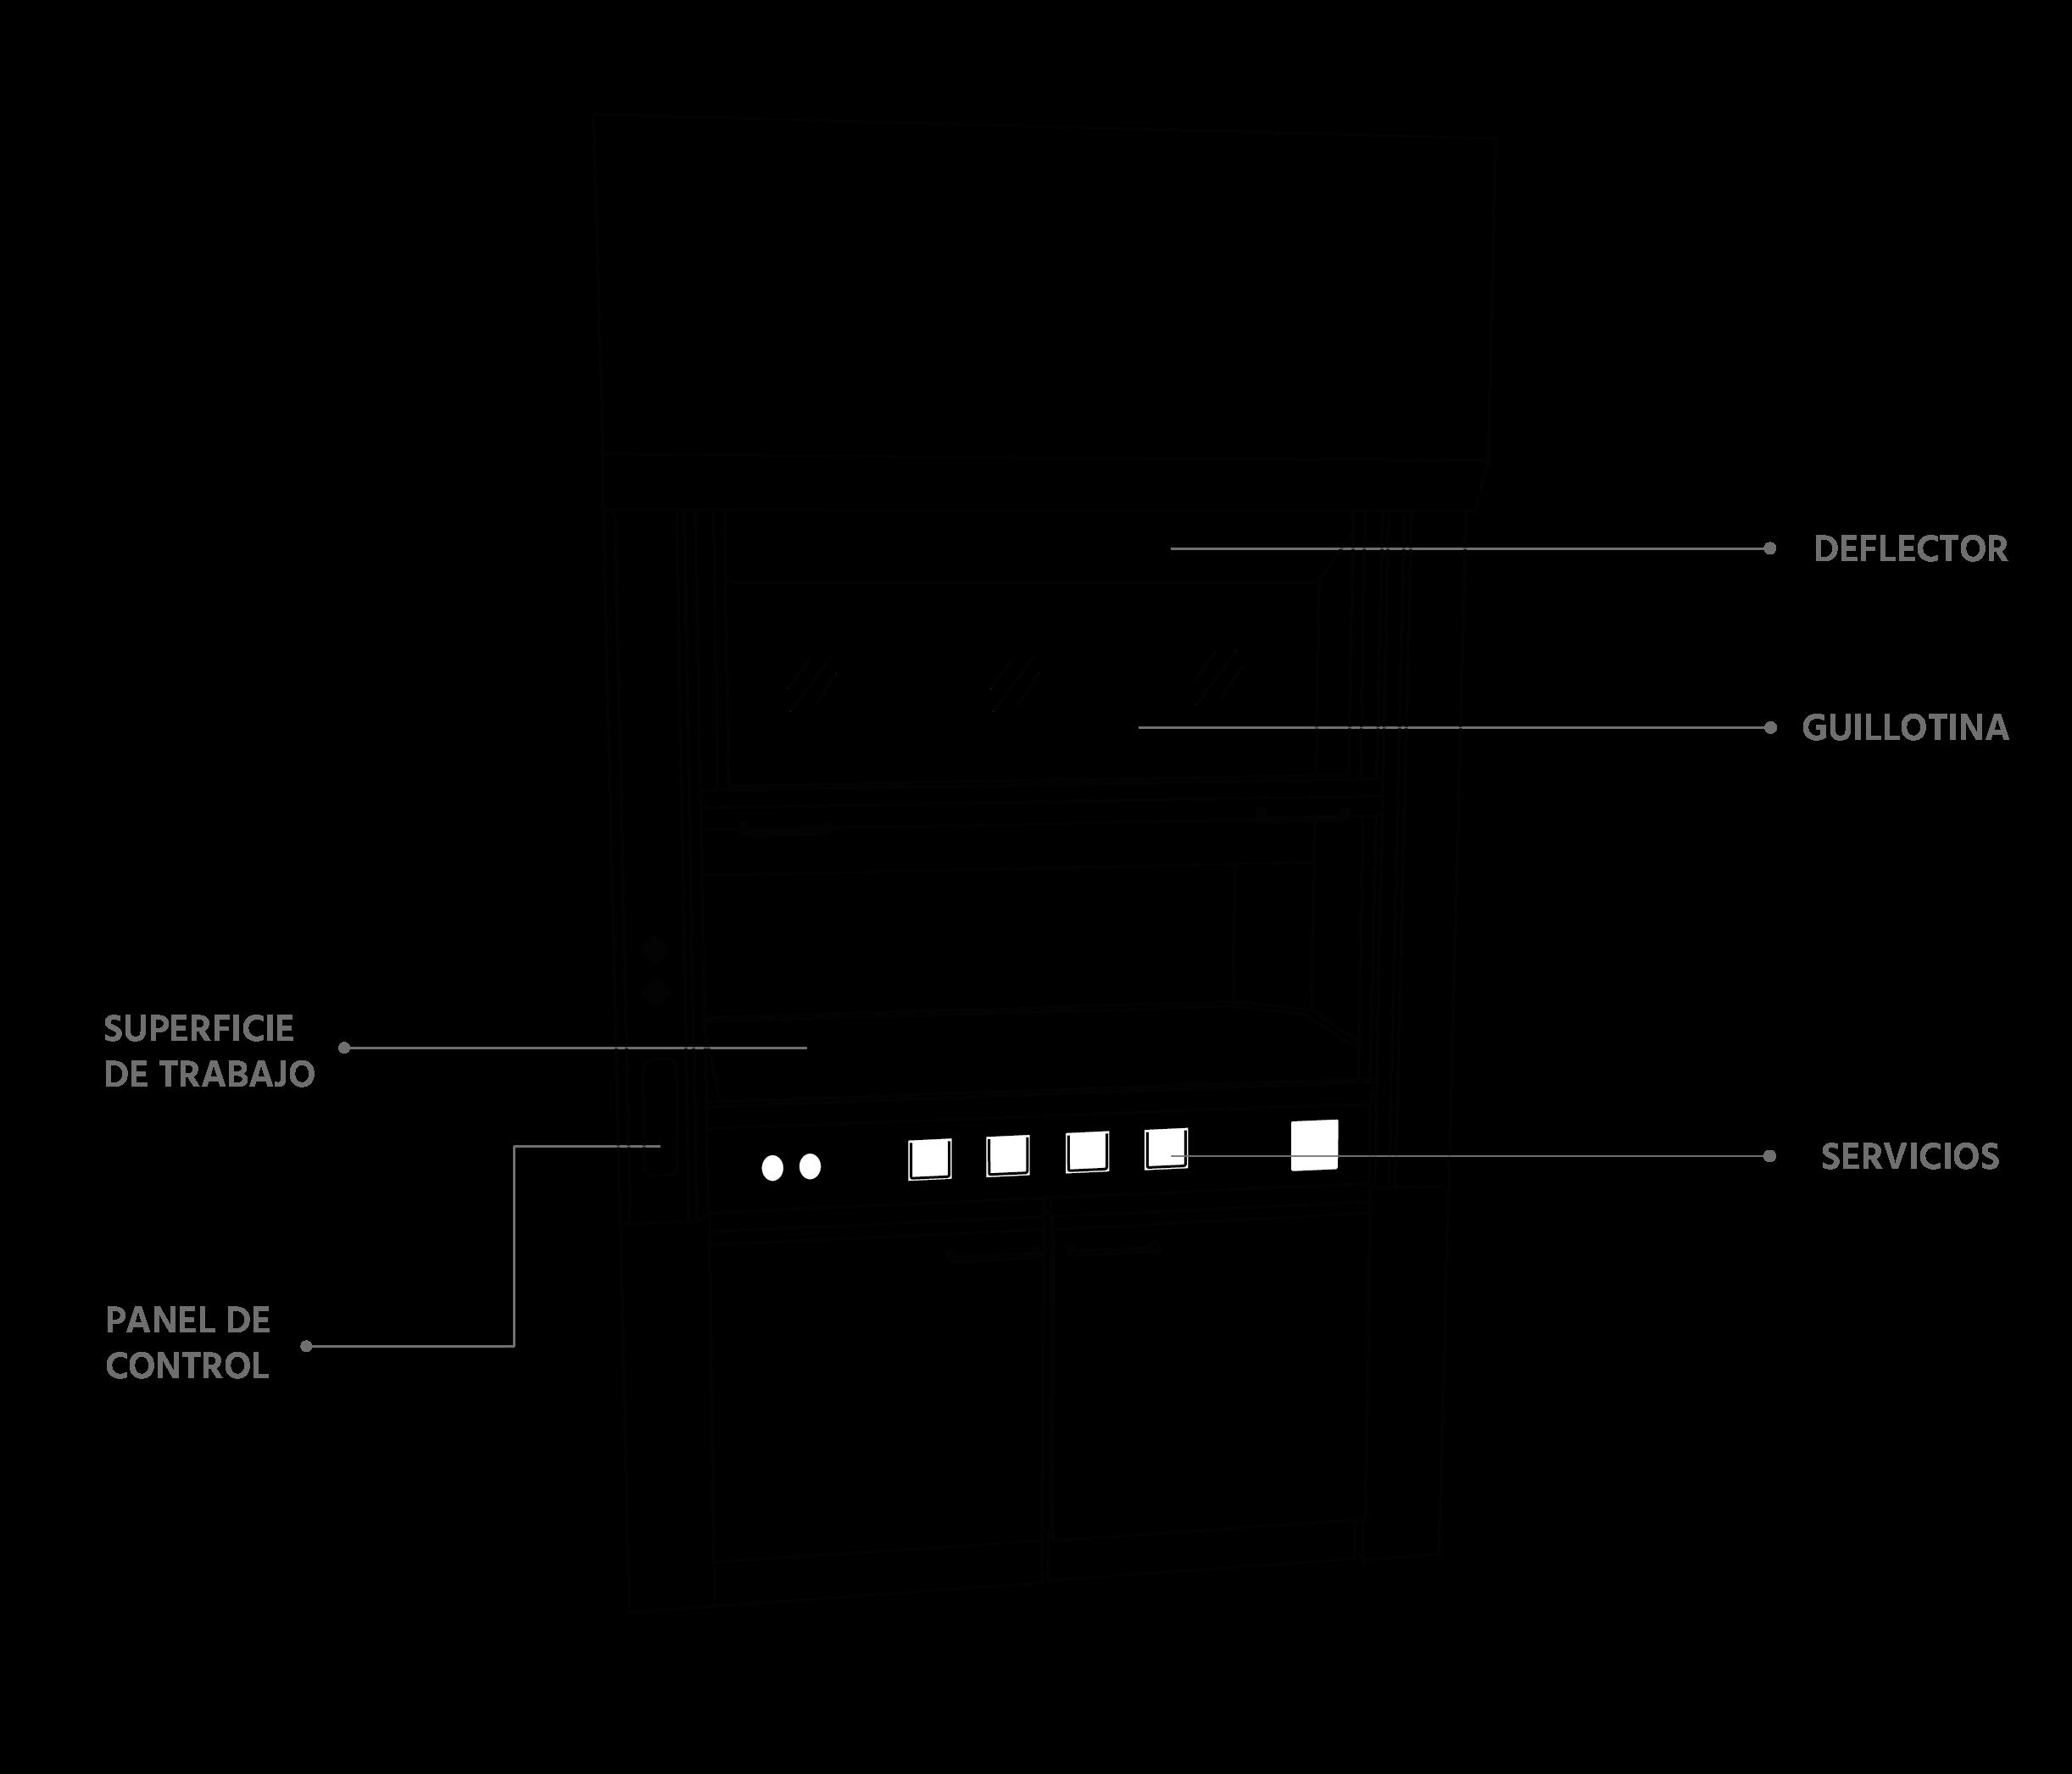 Describir qué elementos componen la vitrina de gases